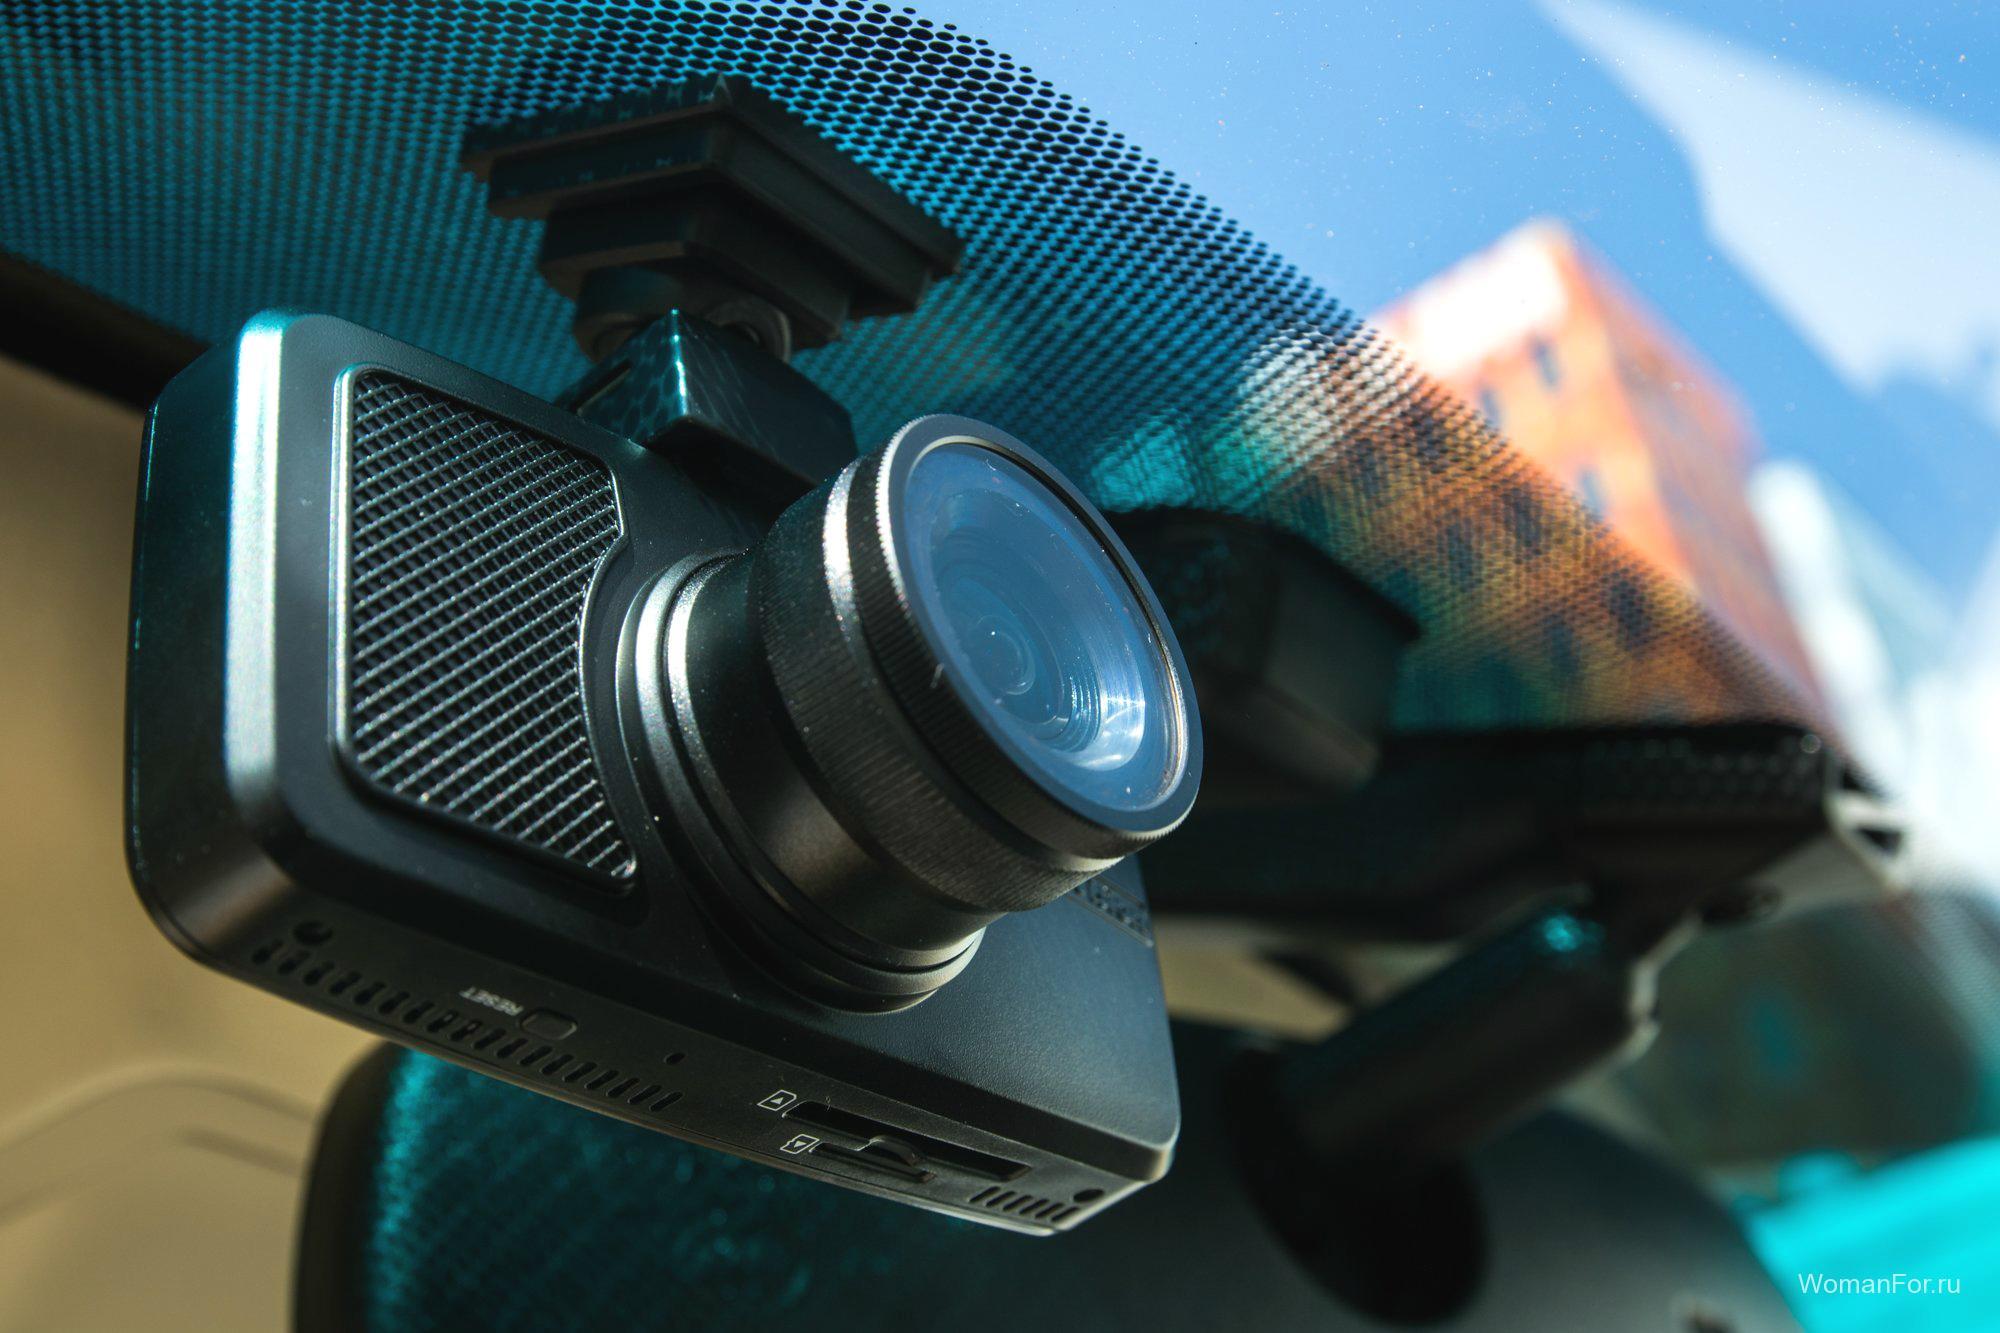 Как выбрать видеорегистратор для автомобиля 2018 - TrendVision TDR-719